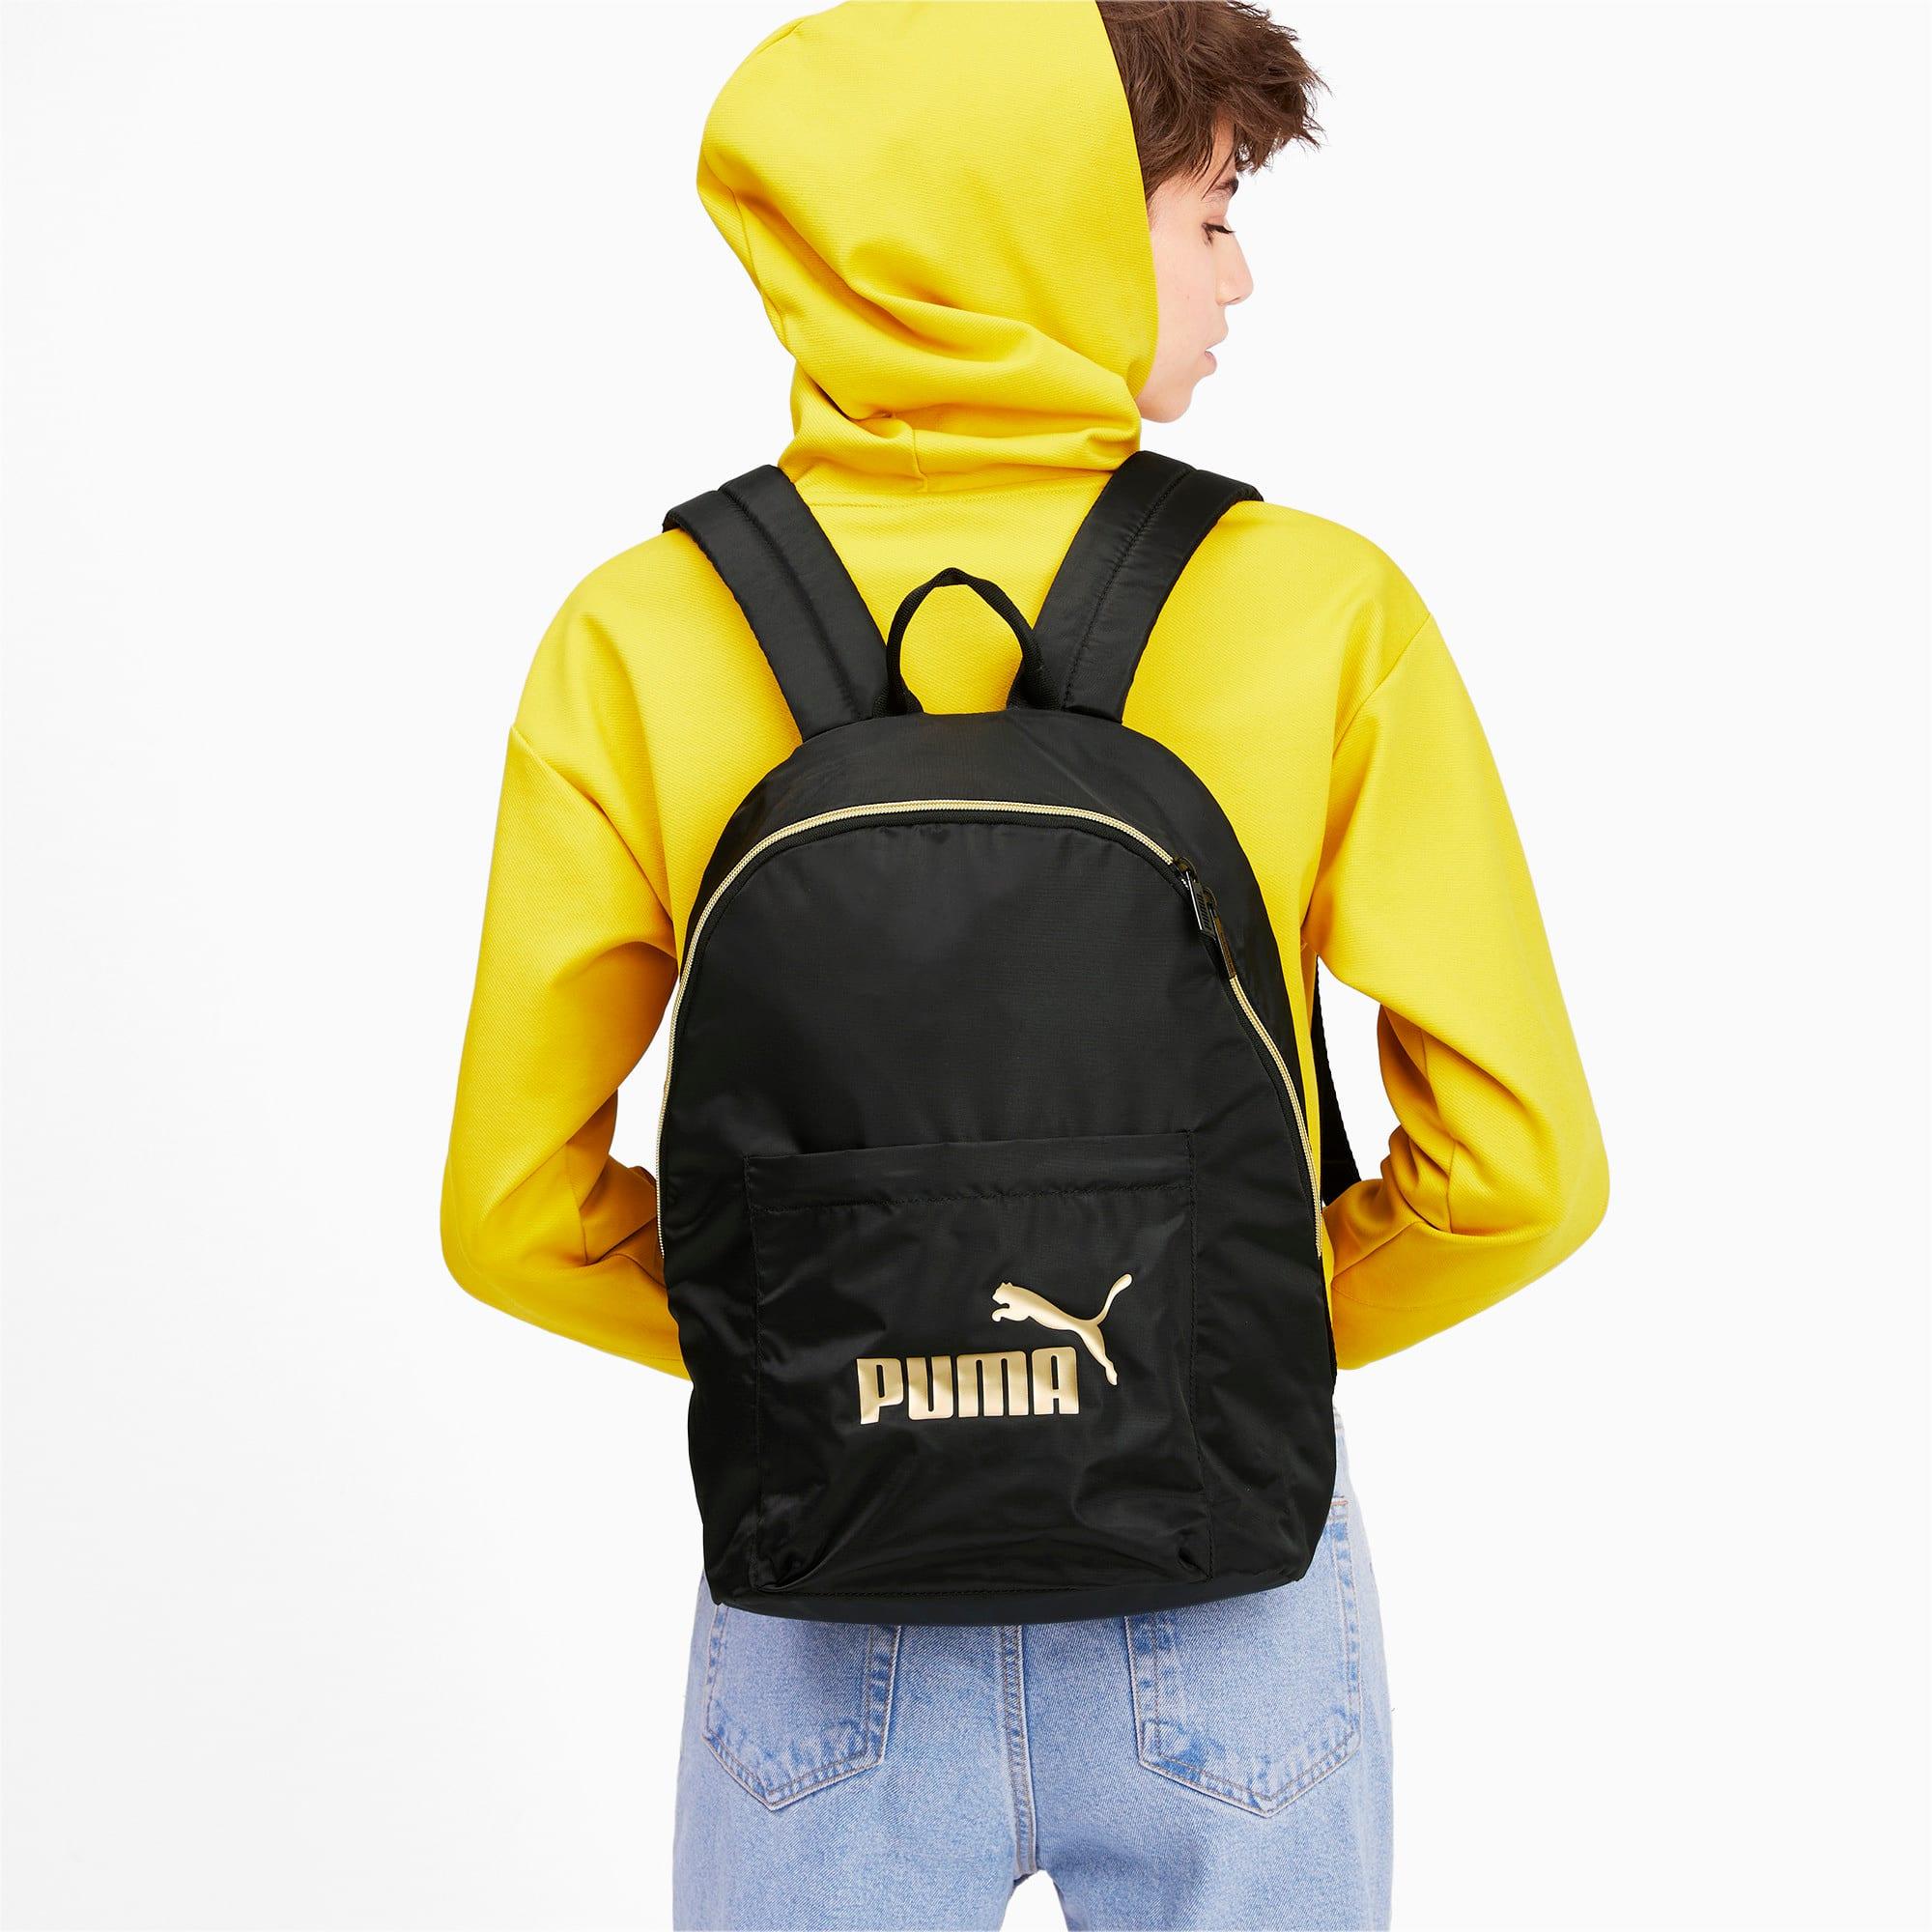 Thumbnail 2 of Core Seasonal Backpack, Puma Black-Gold, medium